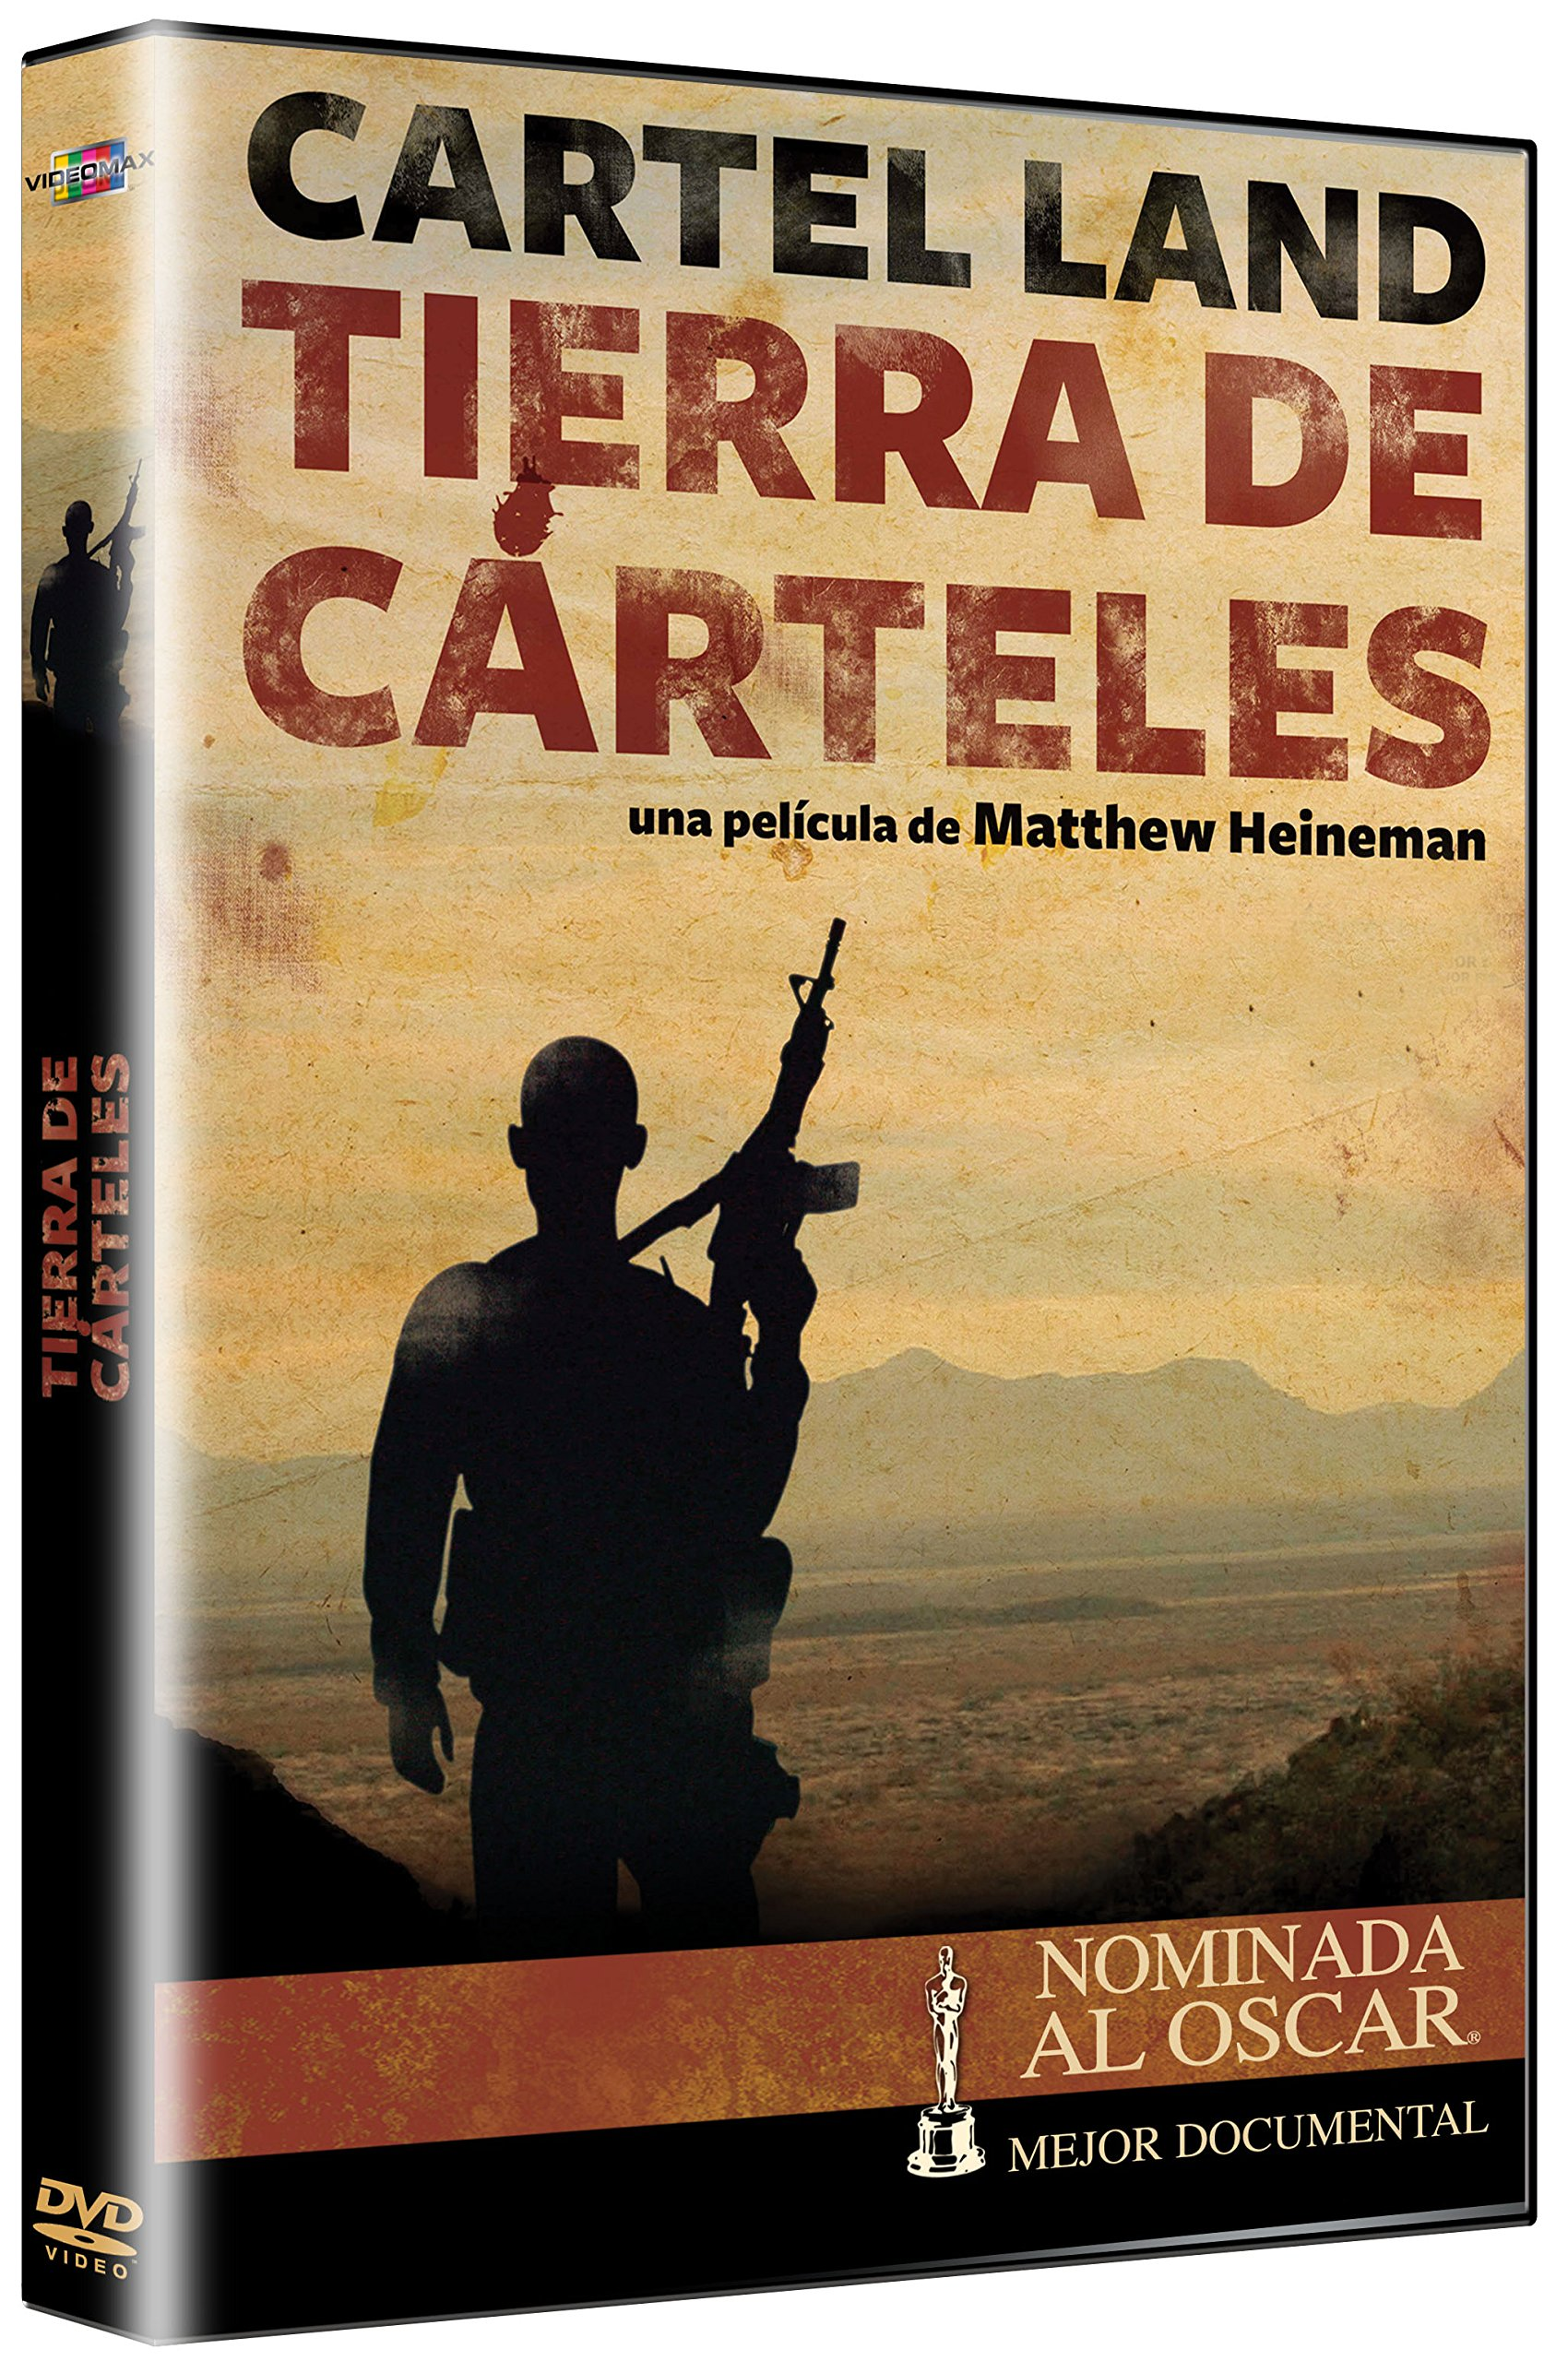 TIERRA DE CARTELES / DVD: Varios: 7509996045352: Amazon.com ...